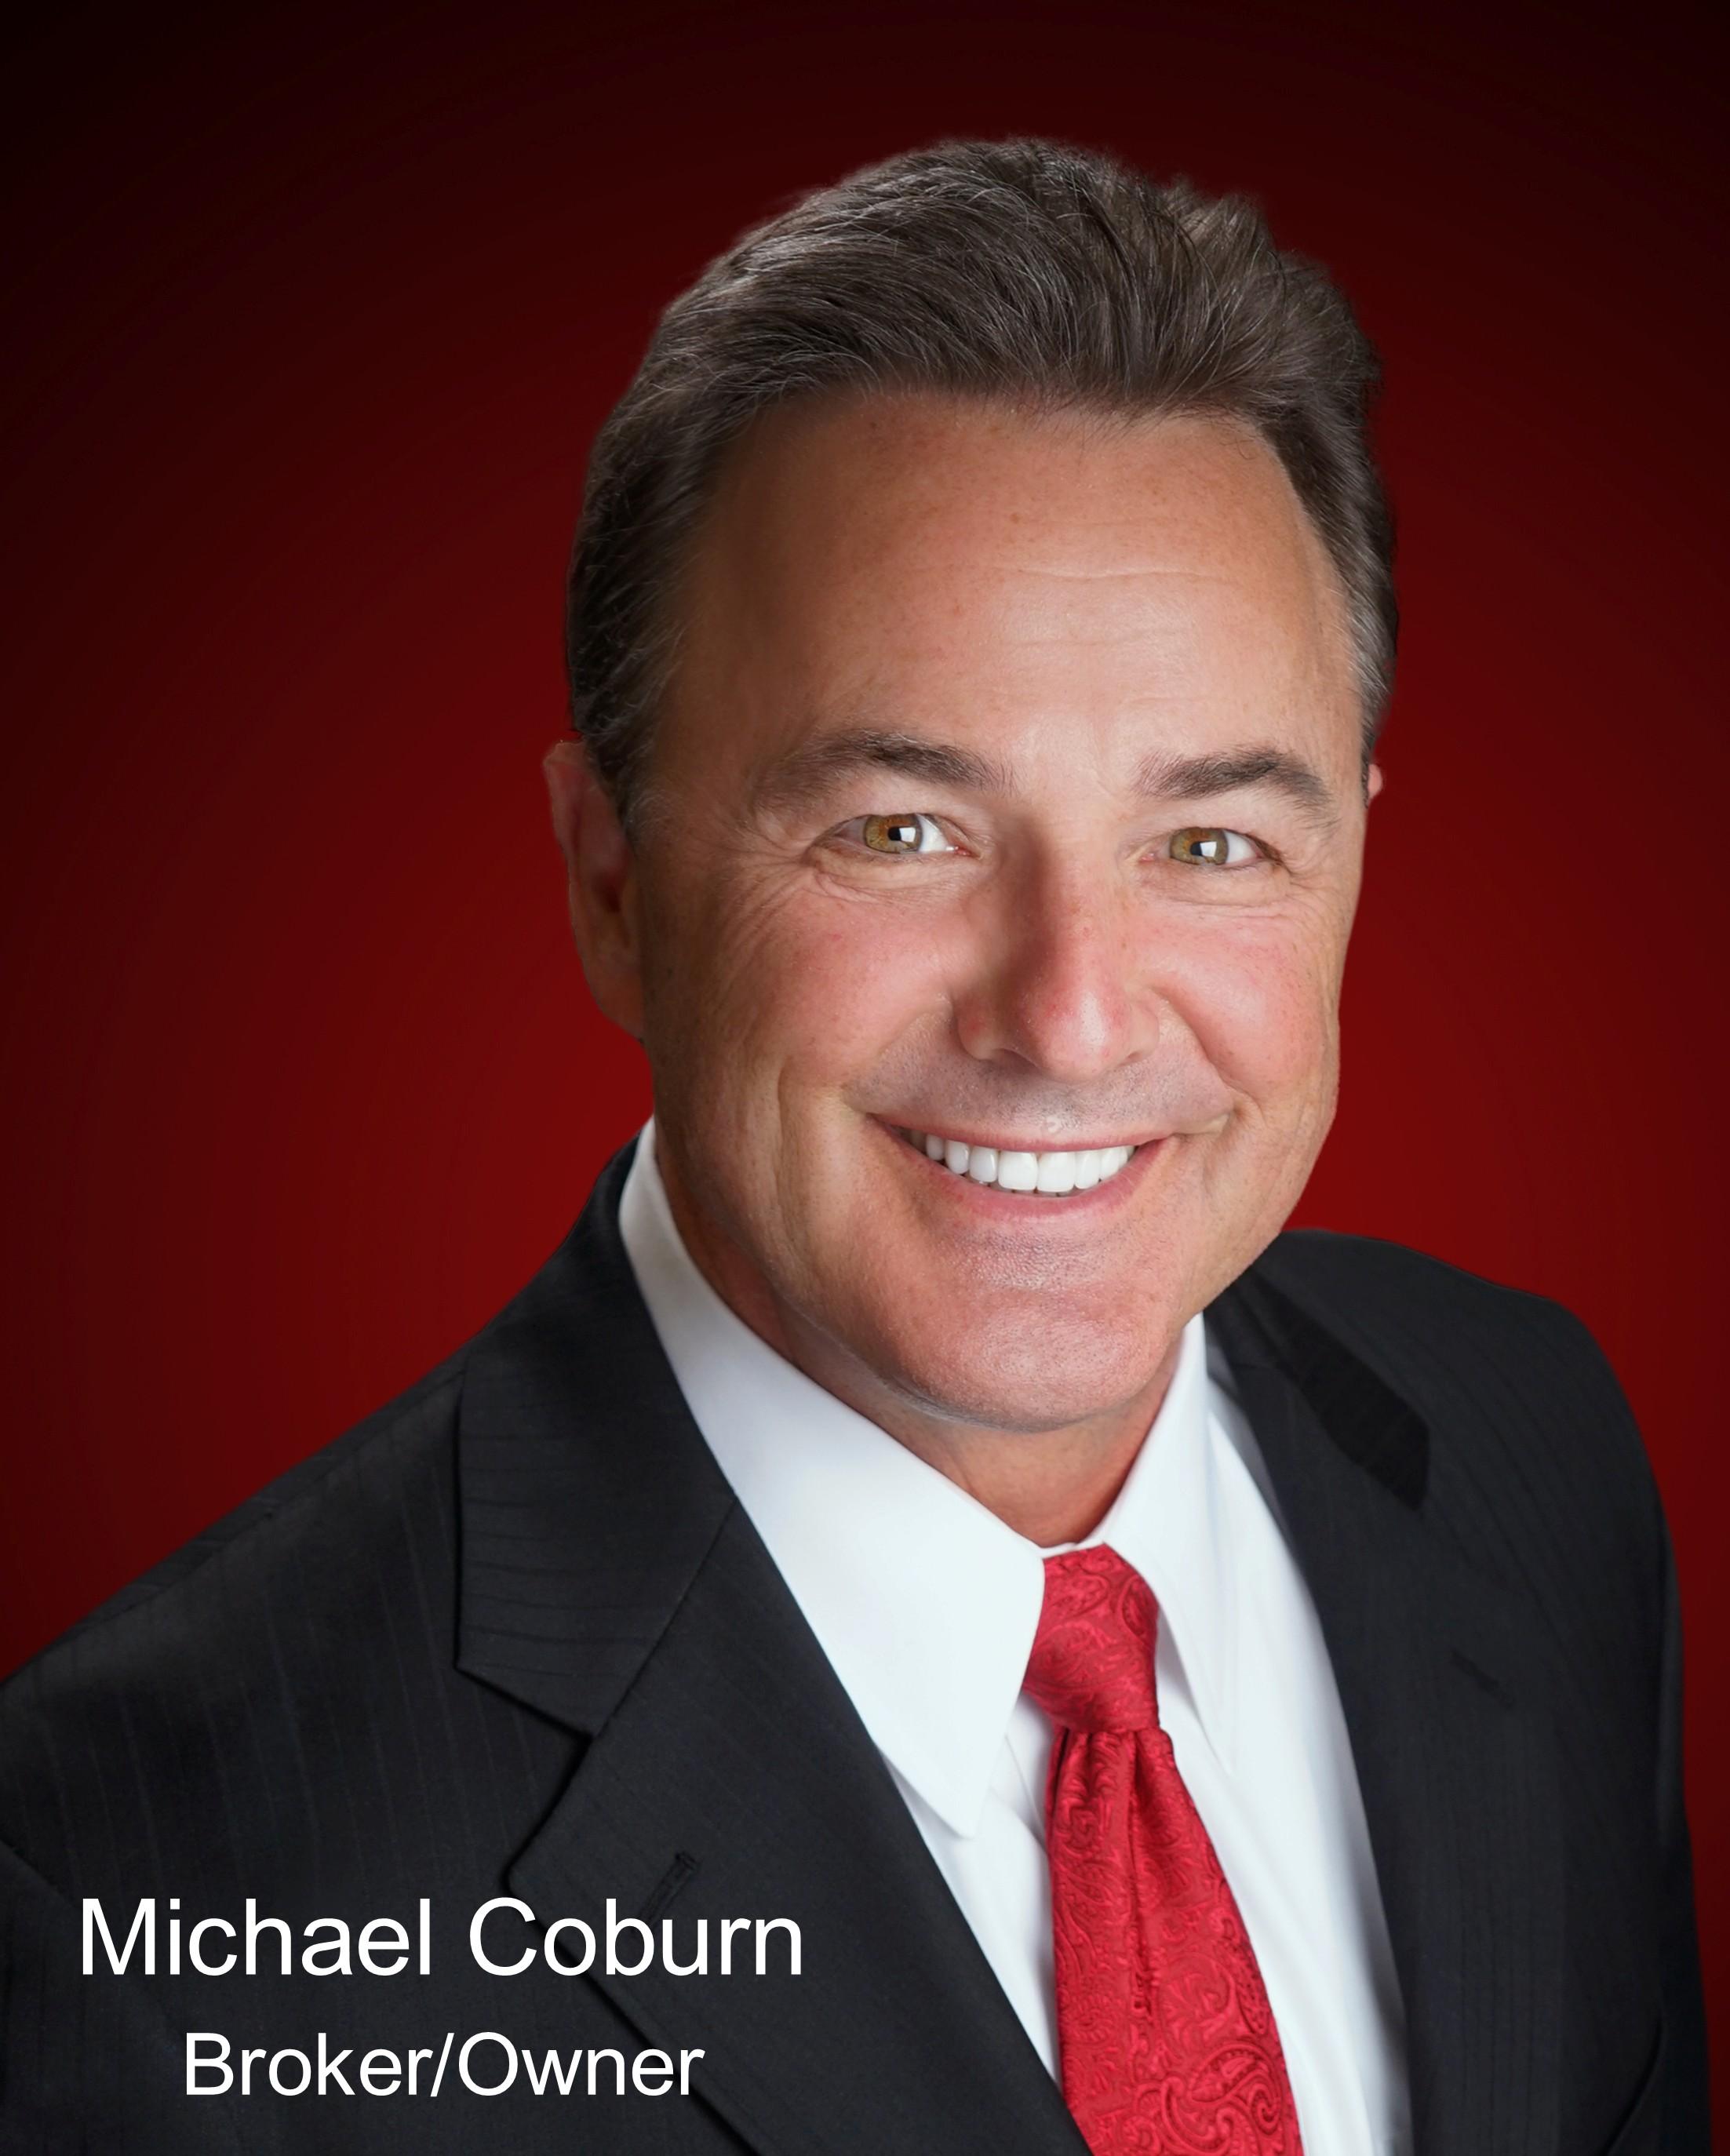 Michael undefined Coburn